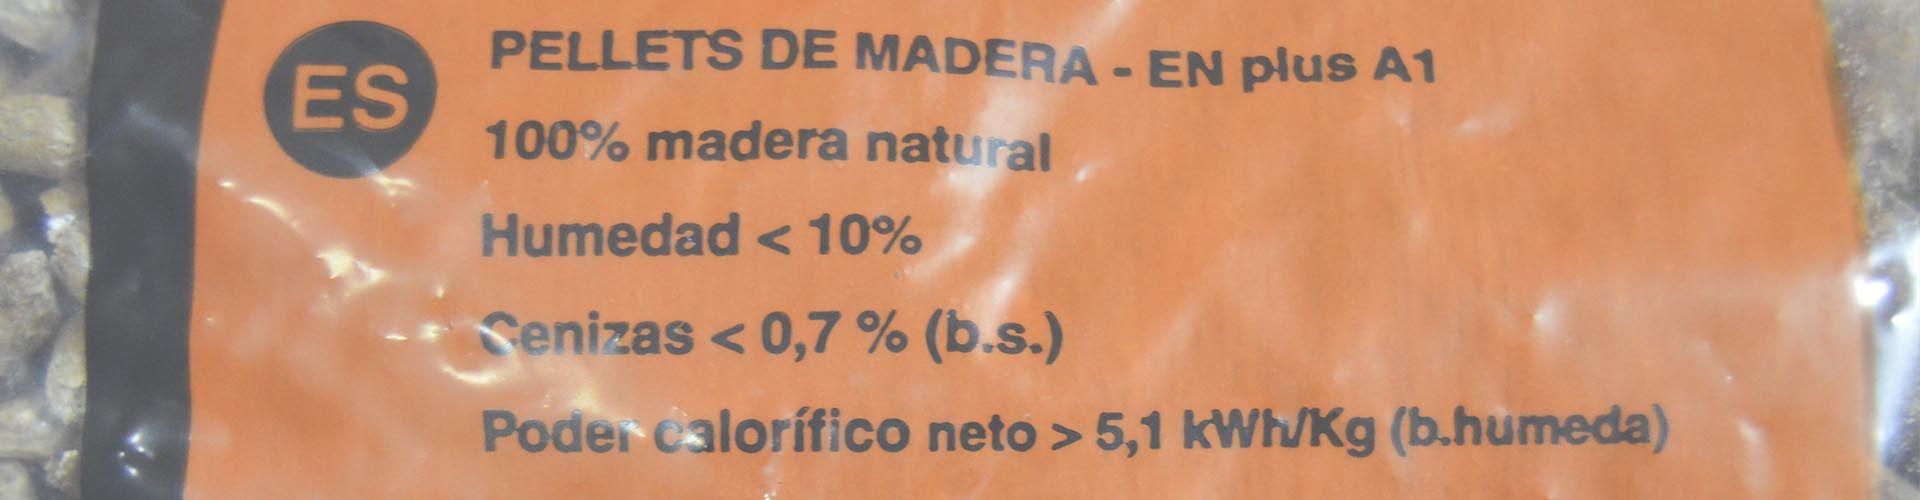 Pellets en Talavera de la reina, venta y distribución de pellets en Talavera de la reina